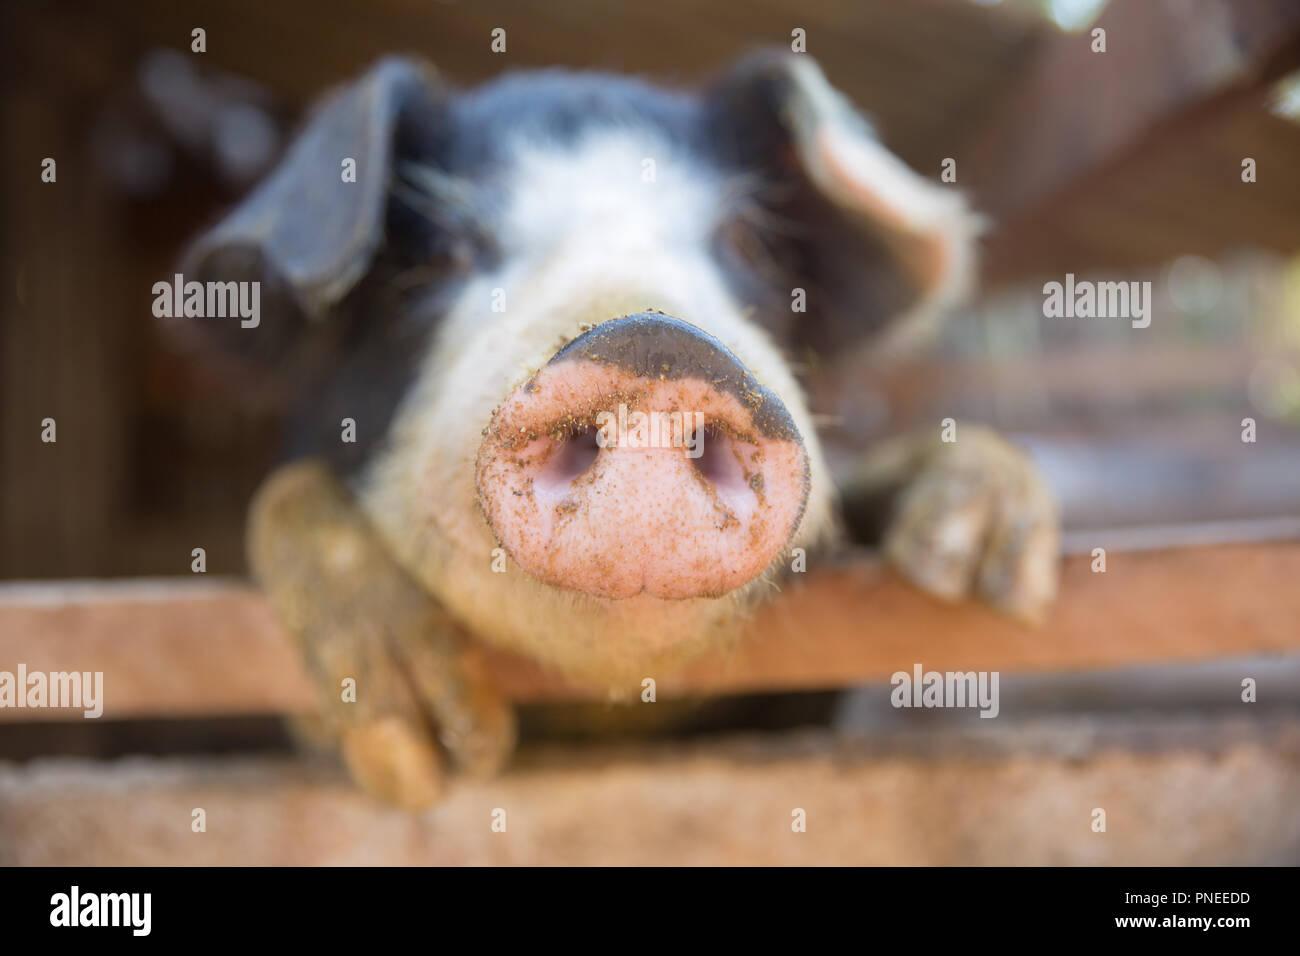 Nariz de cerdo en la pluma. El foco está en la nariz. Profundidad de campo. Foto de stock